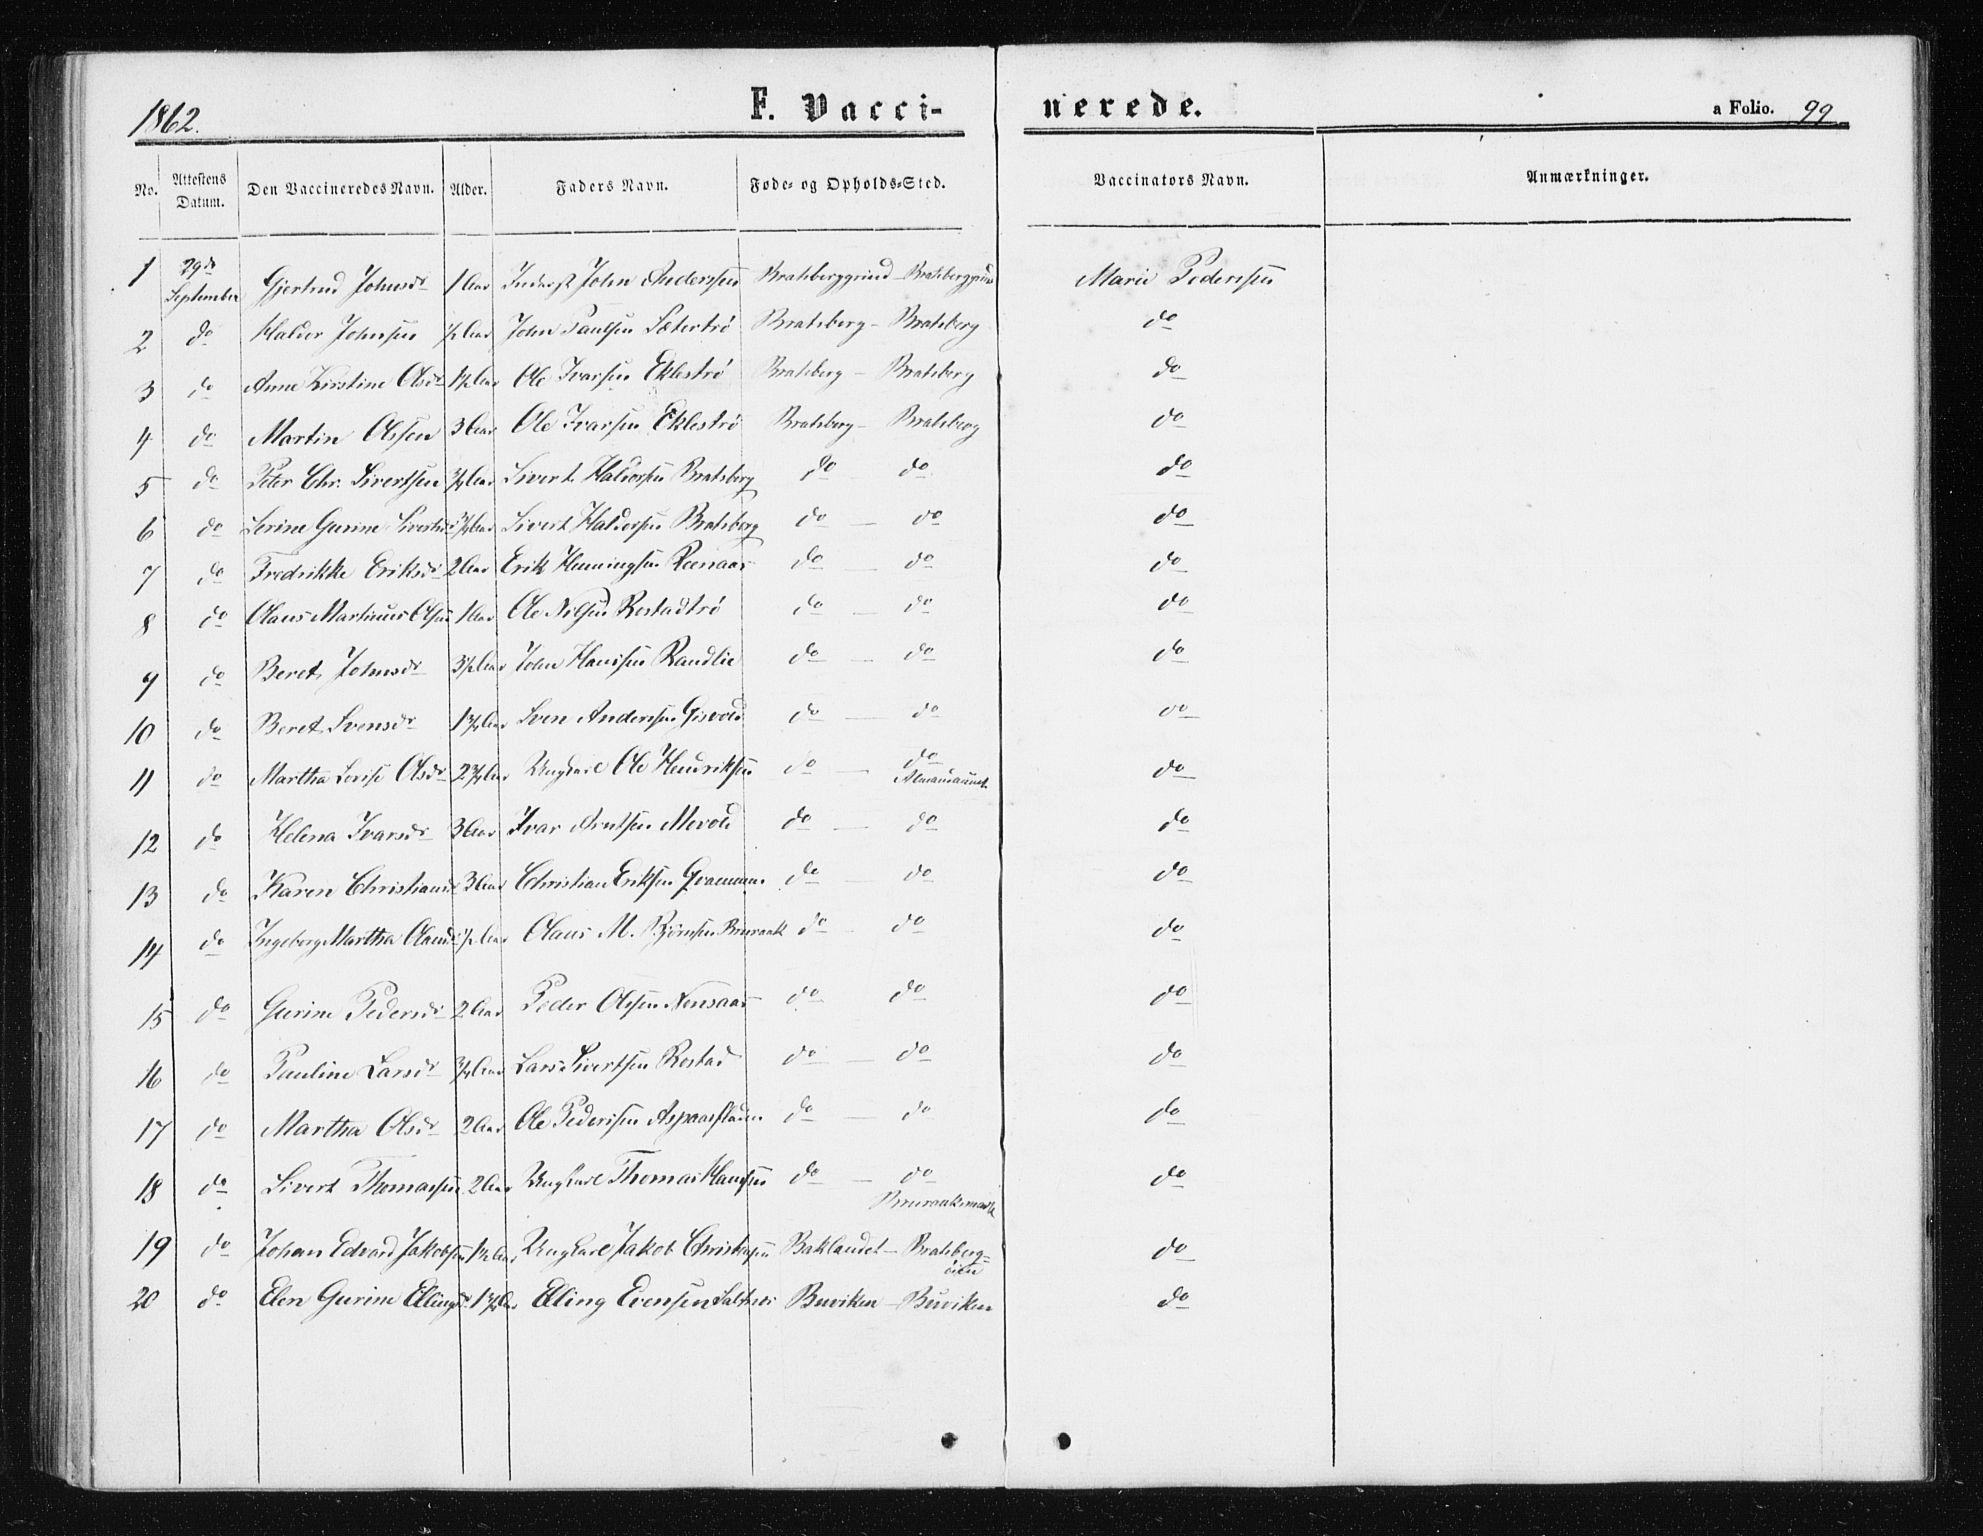 SAT, Ministerialprotokoller, klokkerbøker og fødselsregistre - Sør-Trøndelag, 608/L0333: Ministerialbok nr. 608A02, 1862-1876, s. 99